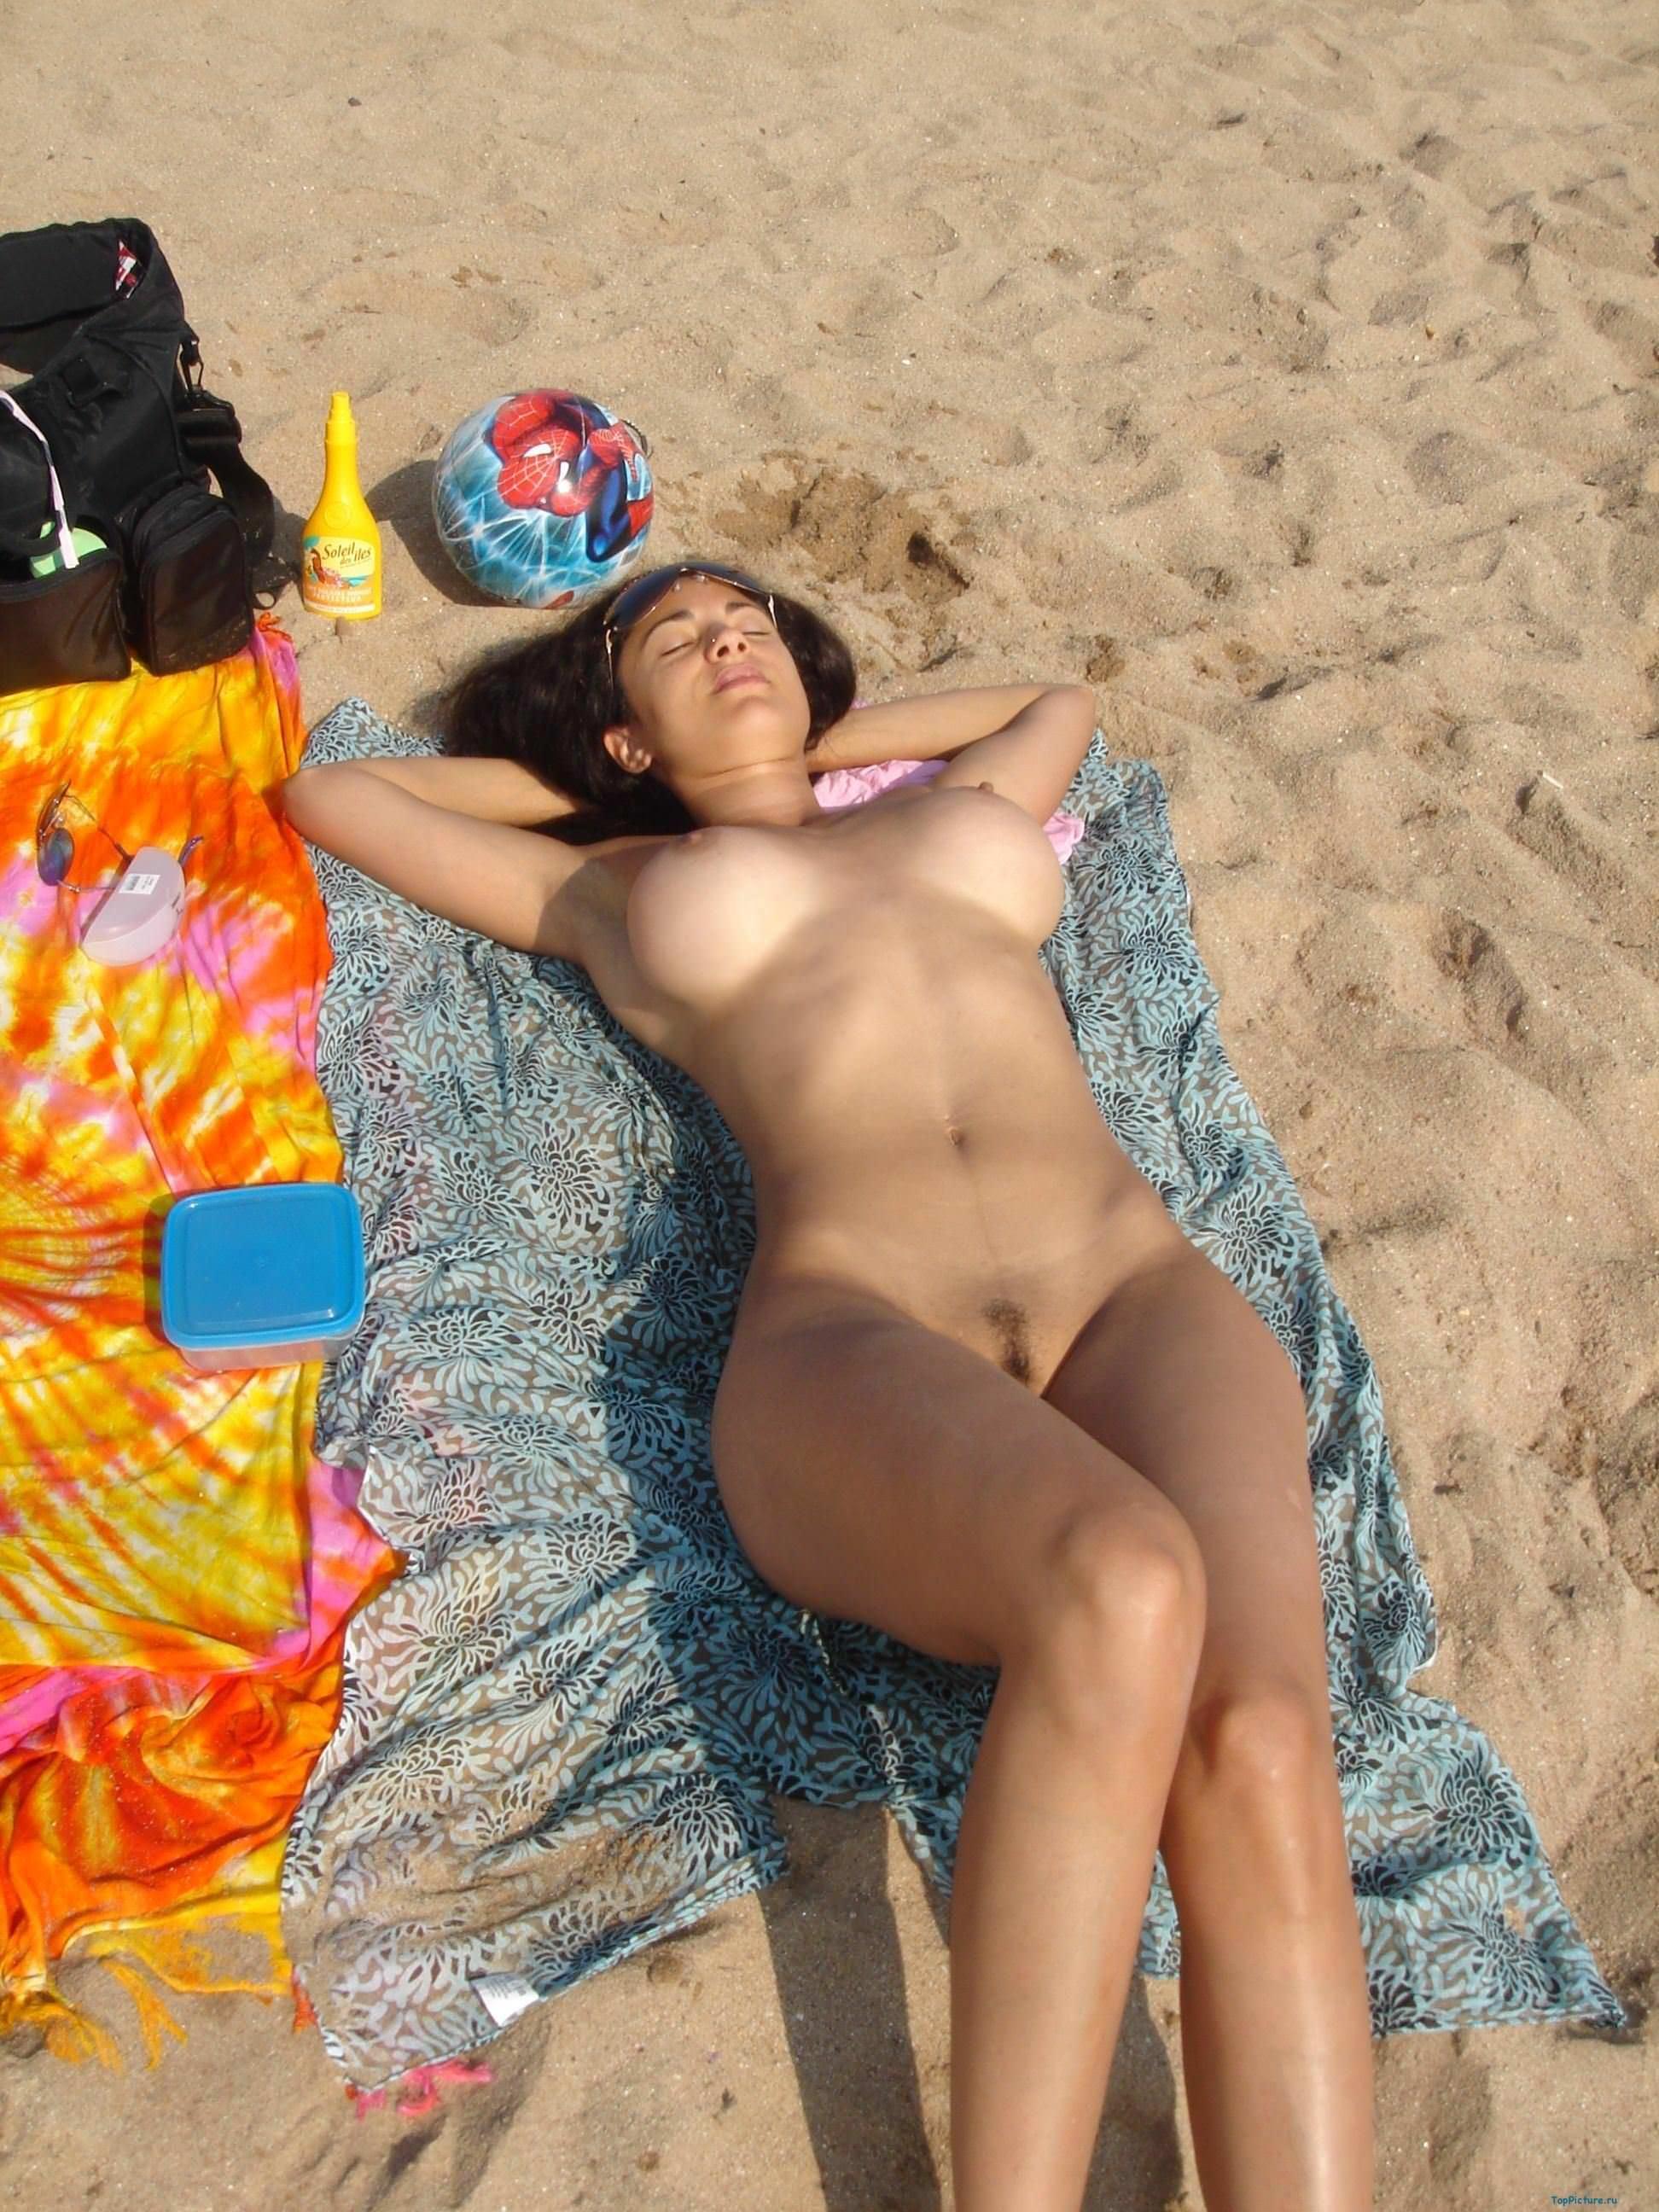 【外人】ヌーディストビーチで髪金の姉ちゃん盗撮し放題な露出エロ画像 580